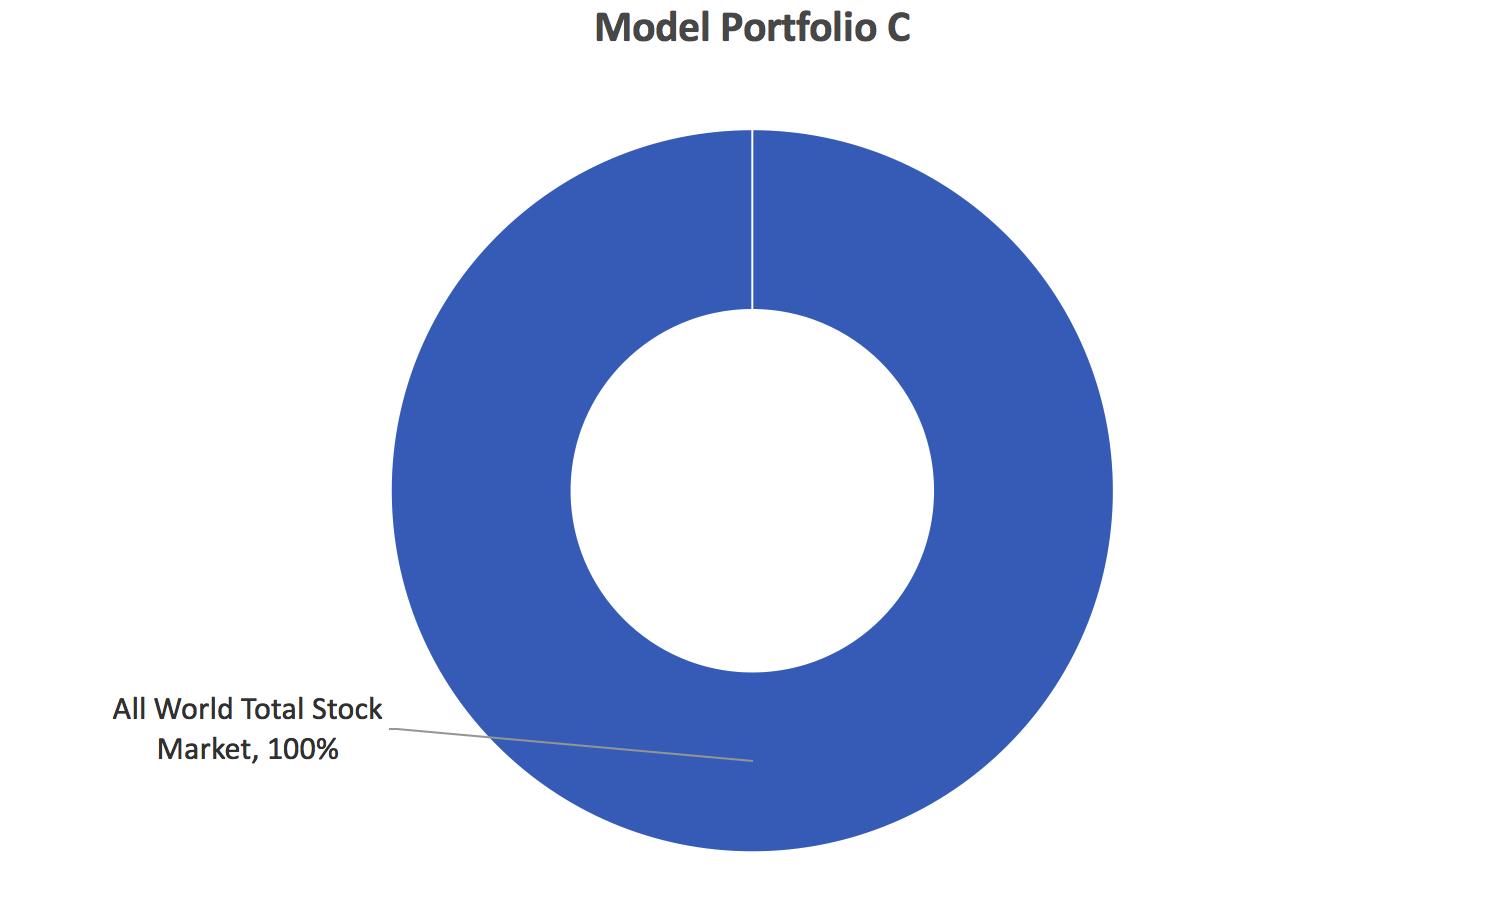 index-fund-model-portfolio-c